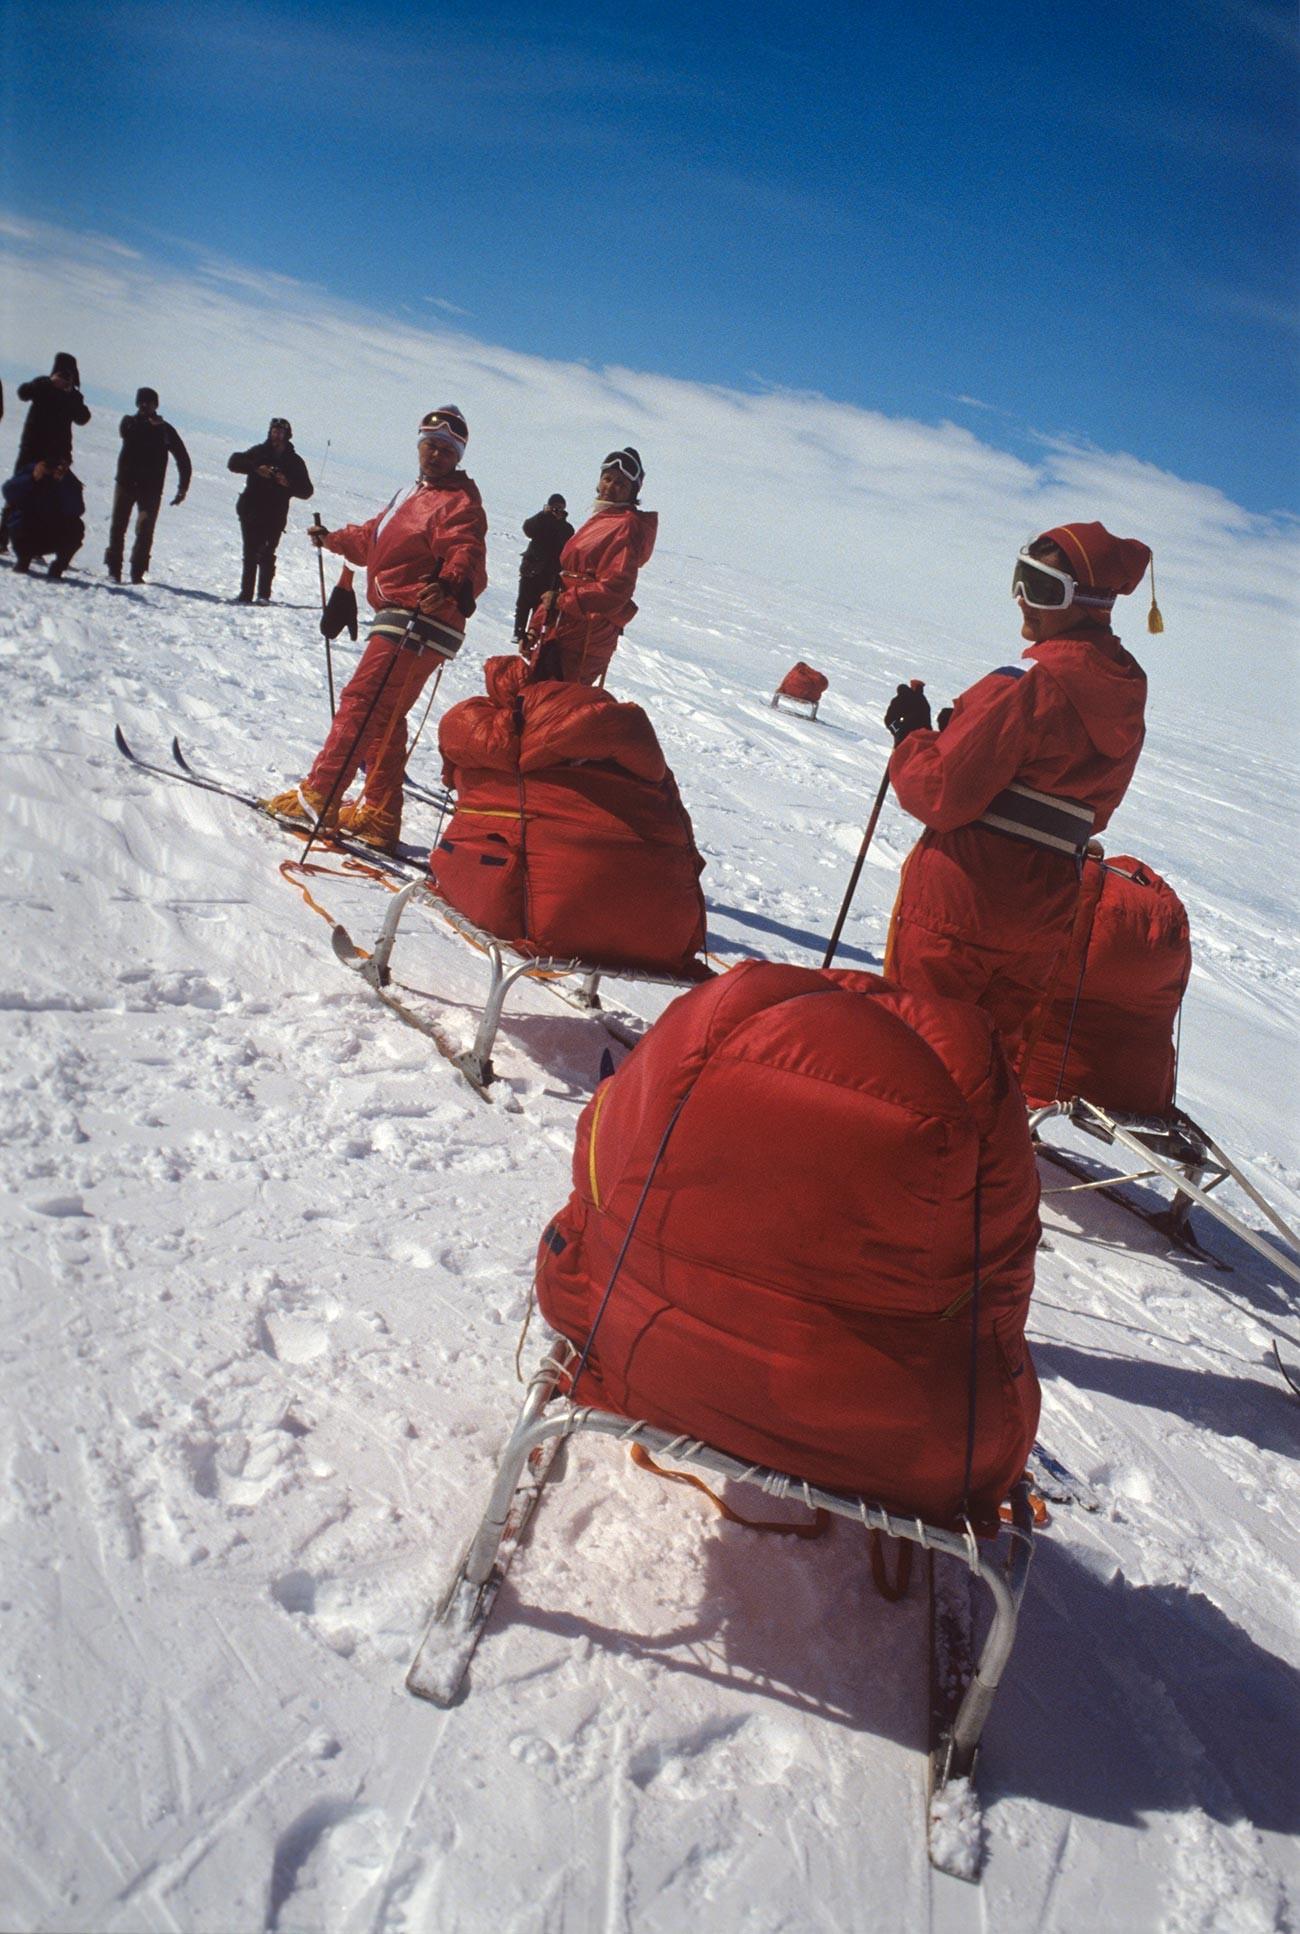 Женска научна и спортна антарктическа експедиция